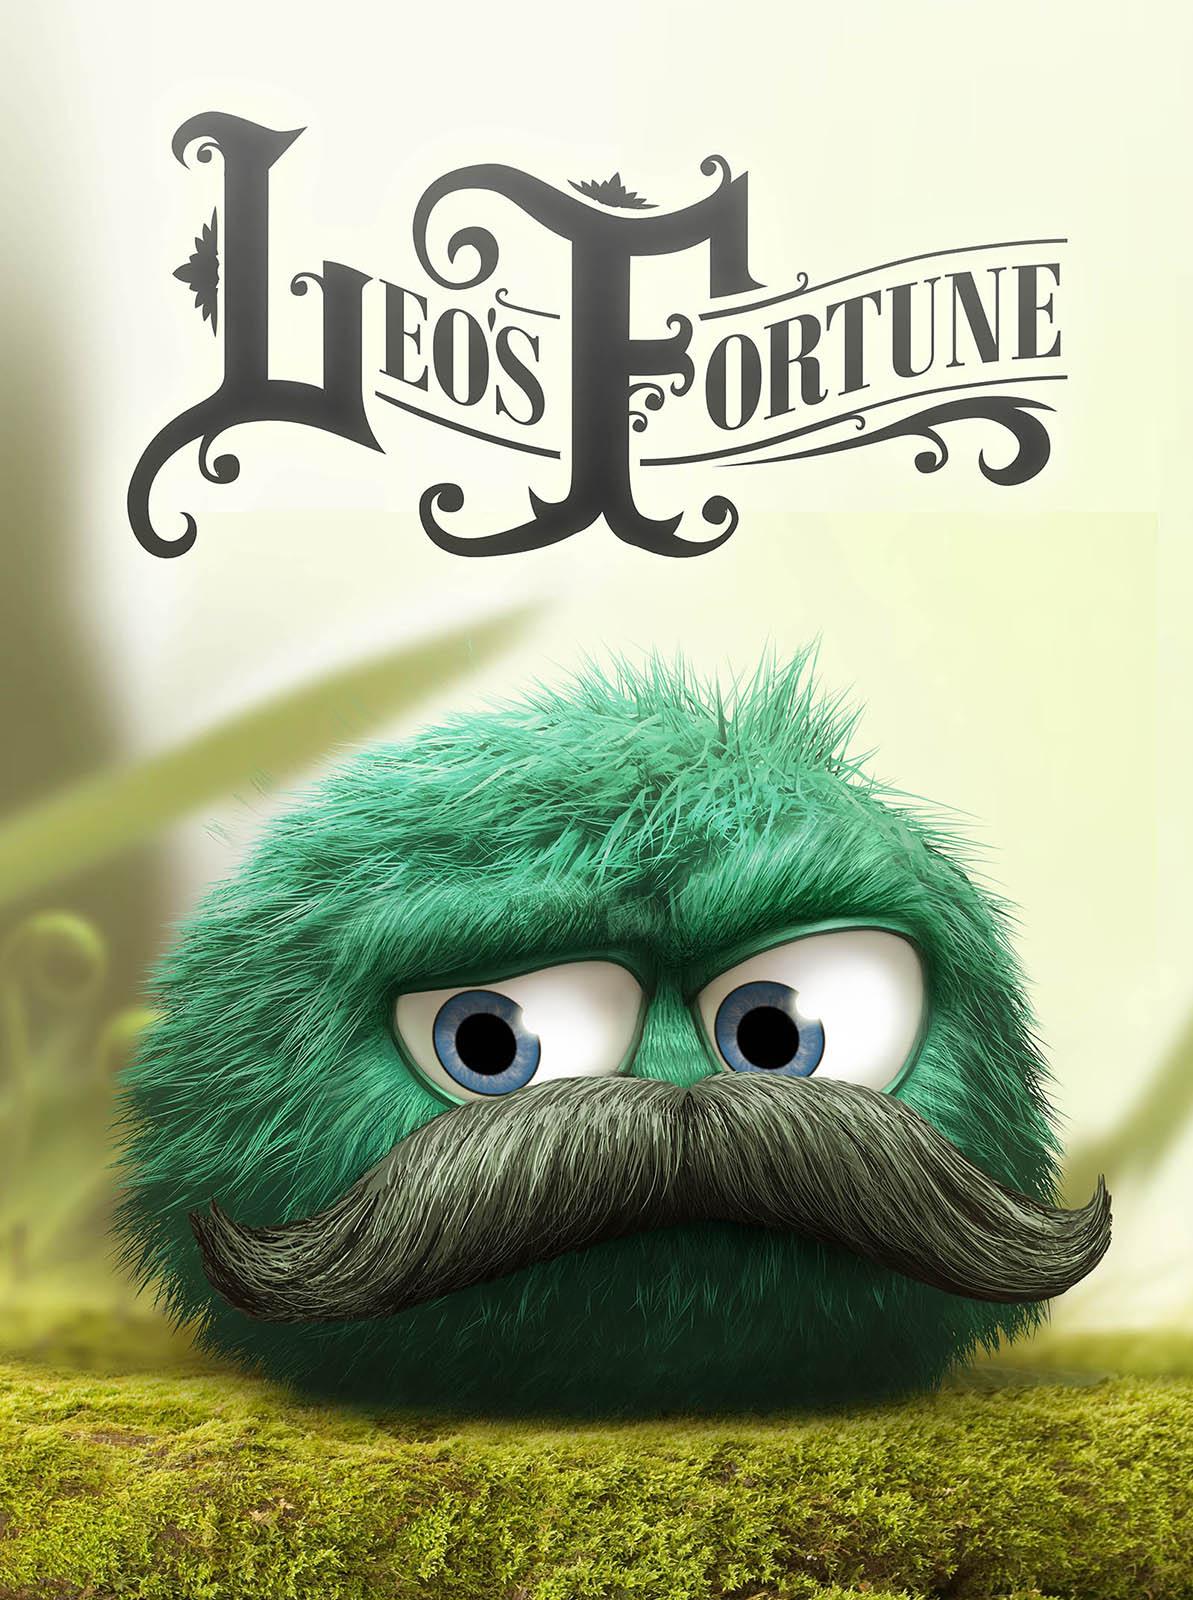 Apk stack: leo's fortune v1. 0. 1 apk [full] download [v1. 0. 1.